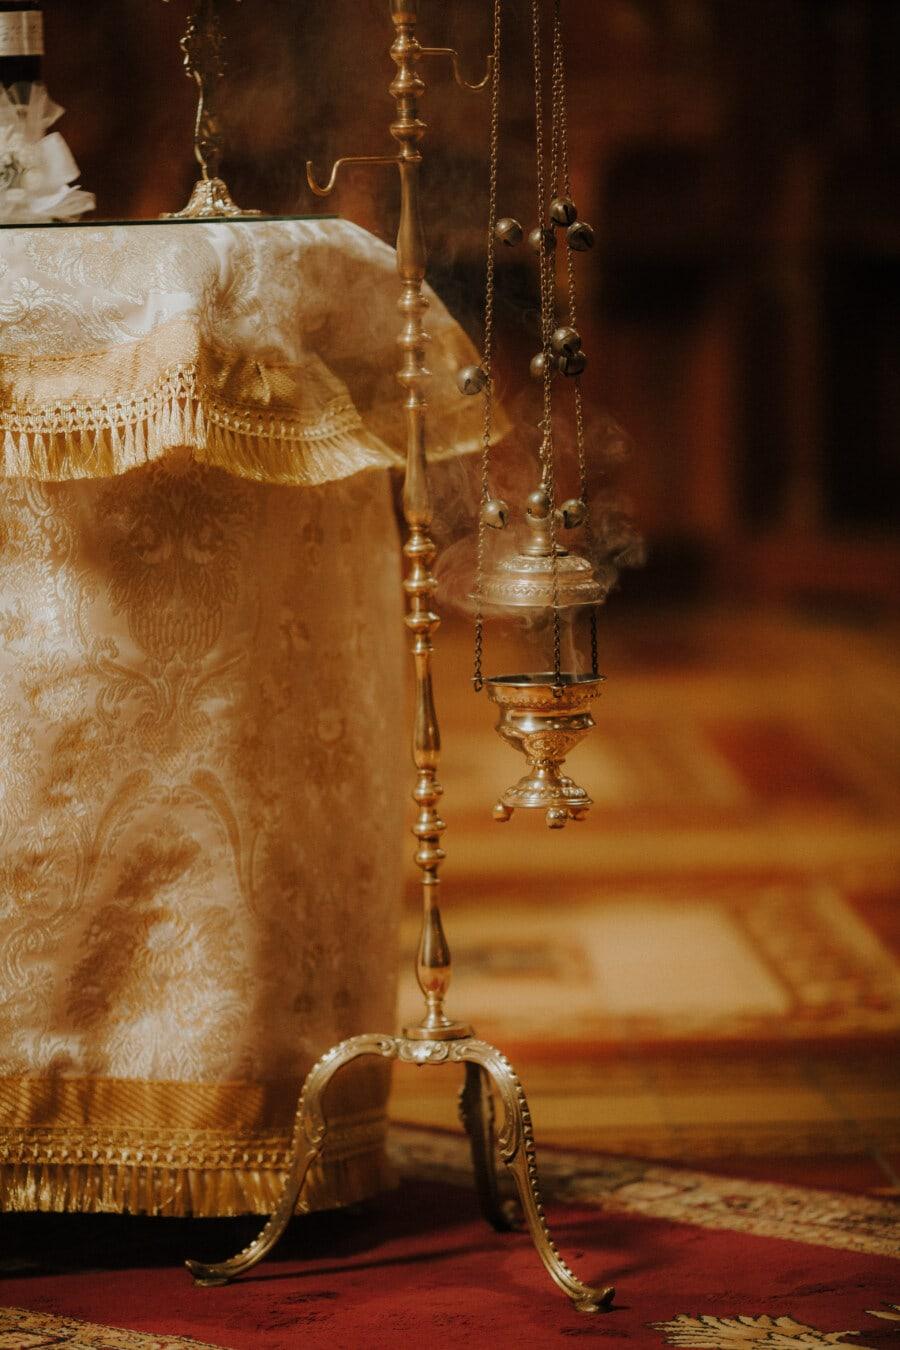 religiöse, Objekt, Byzantinische, orthodoxe, Rauch, Kette, alt, Jahrgang, drinnen, Antik